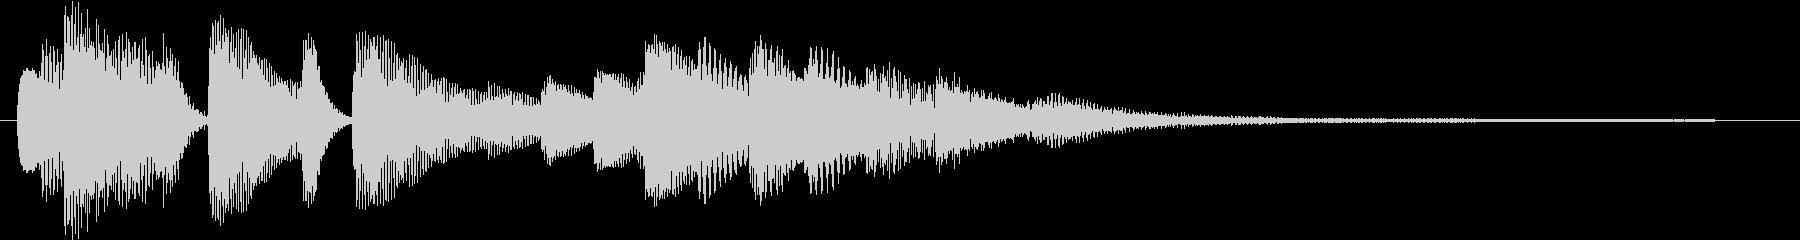 ピアノのジングル アイキャッチ、CM入りの未再生の波形